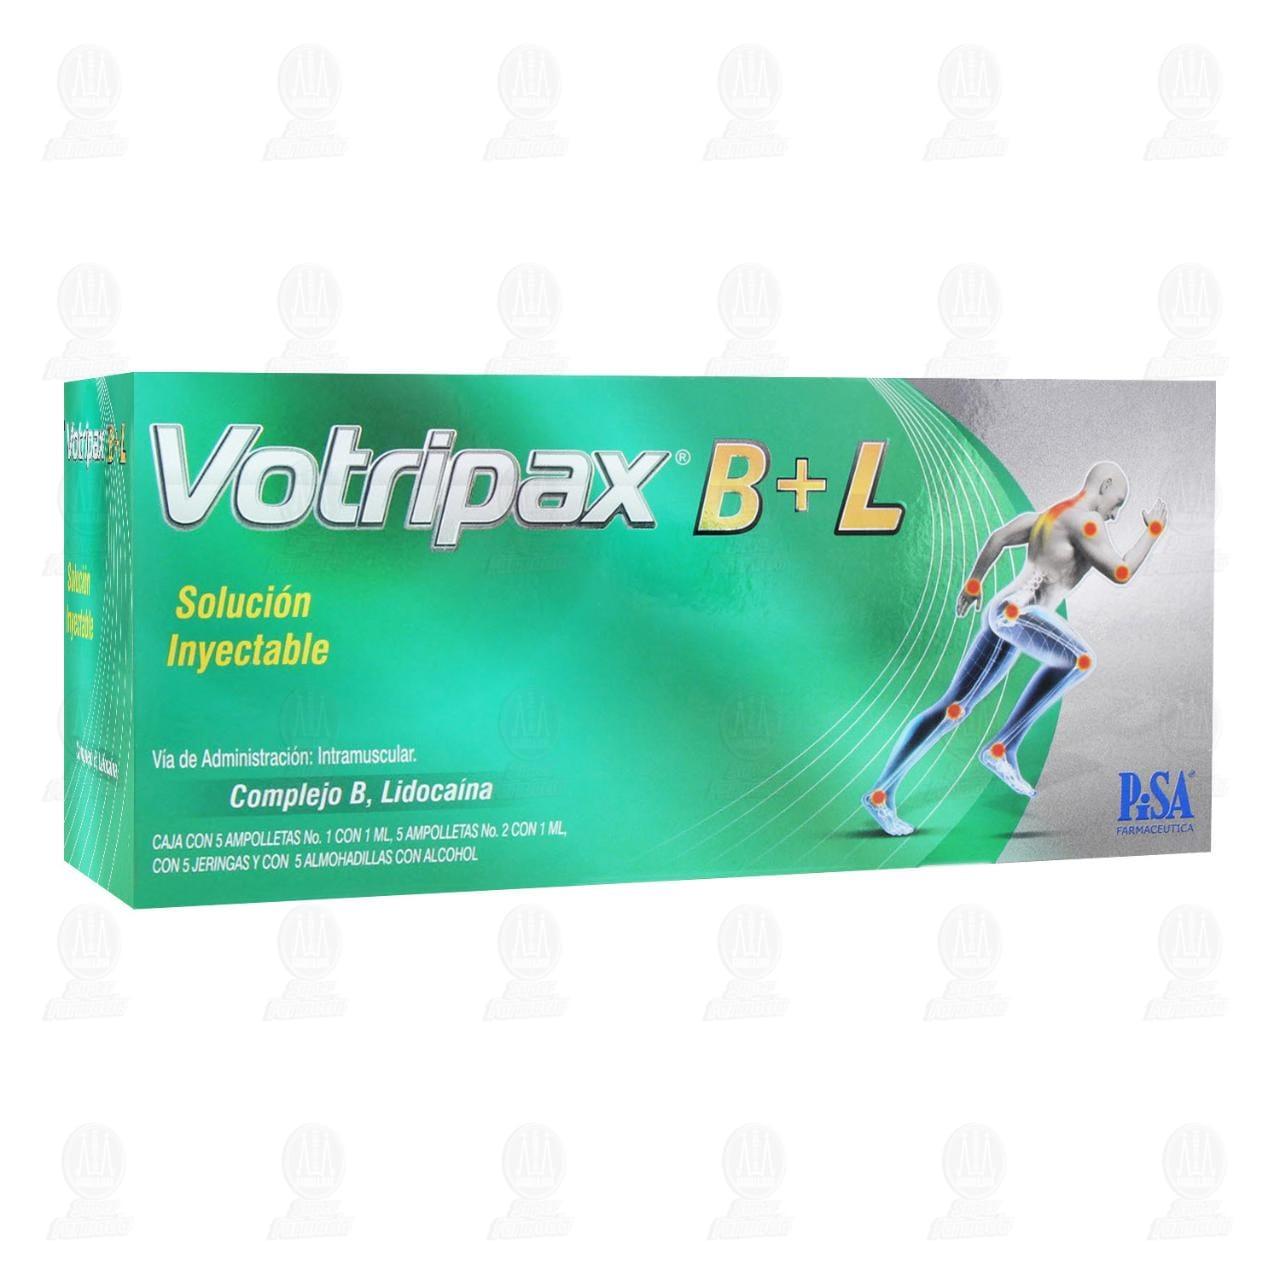 Comprar Votripax B+L Solución Inyectable 5 Ampolletas en Farmacias Guadalajara